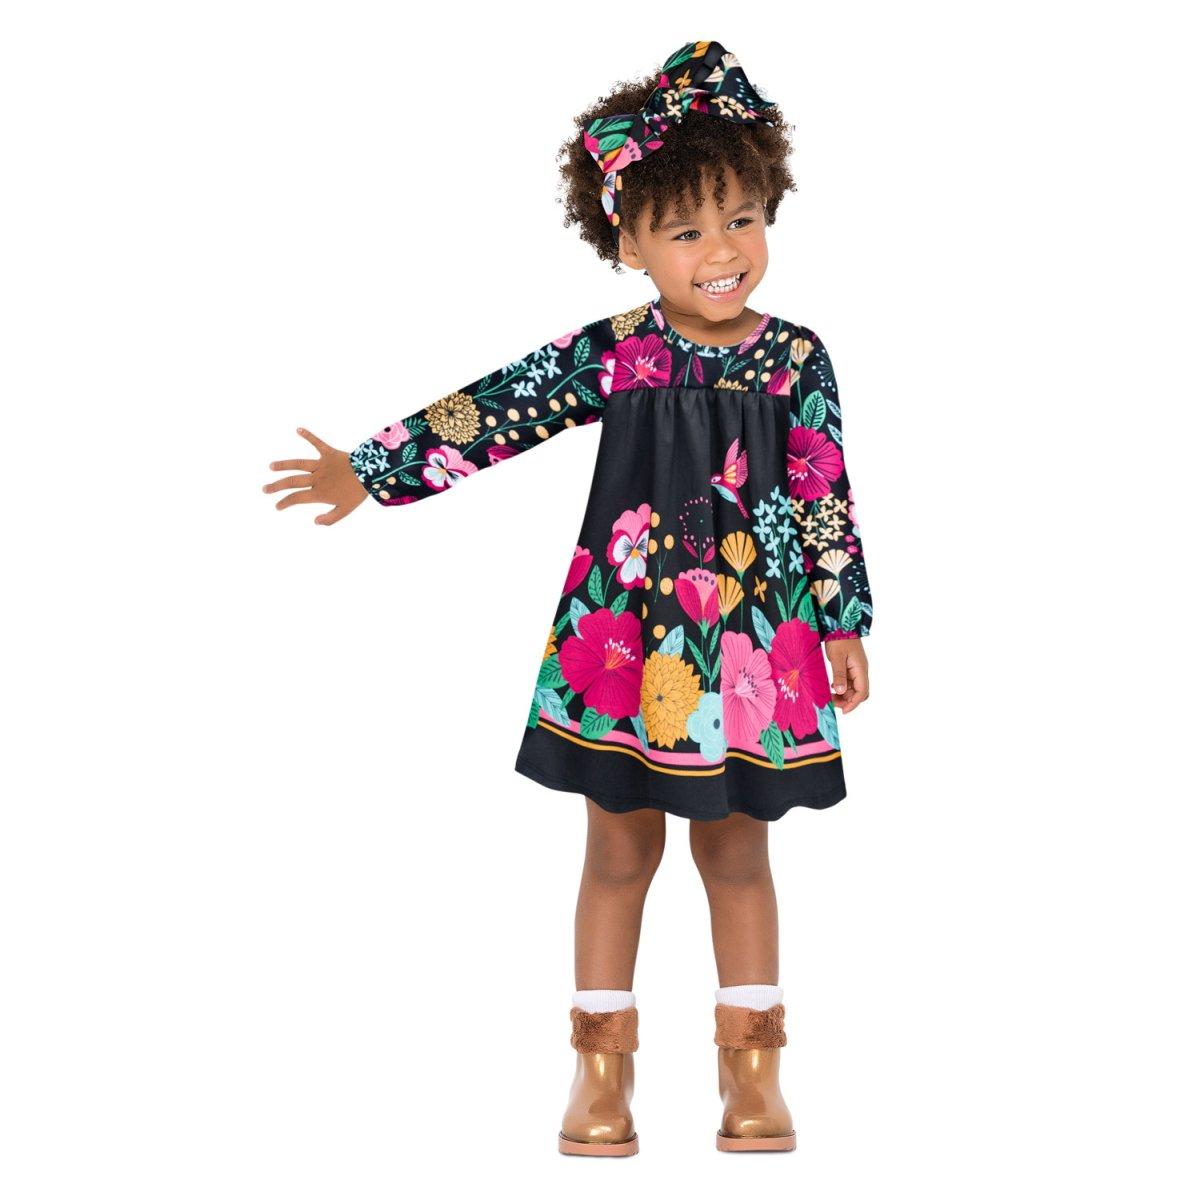 Vestido Infantil Nanai em Algodão na cor Preto